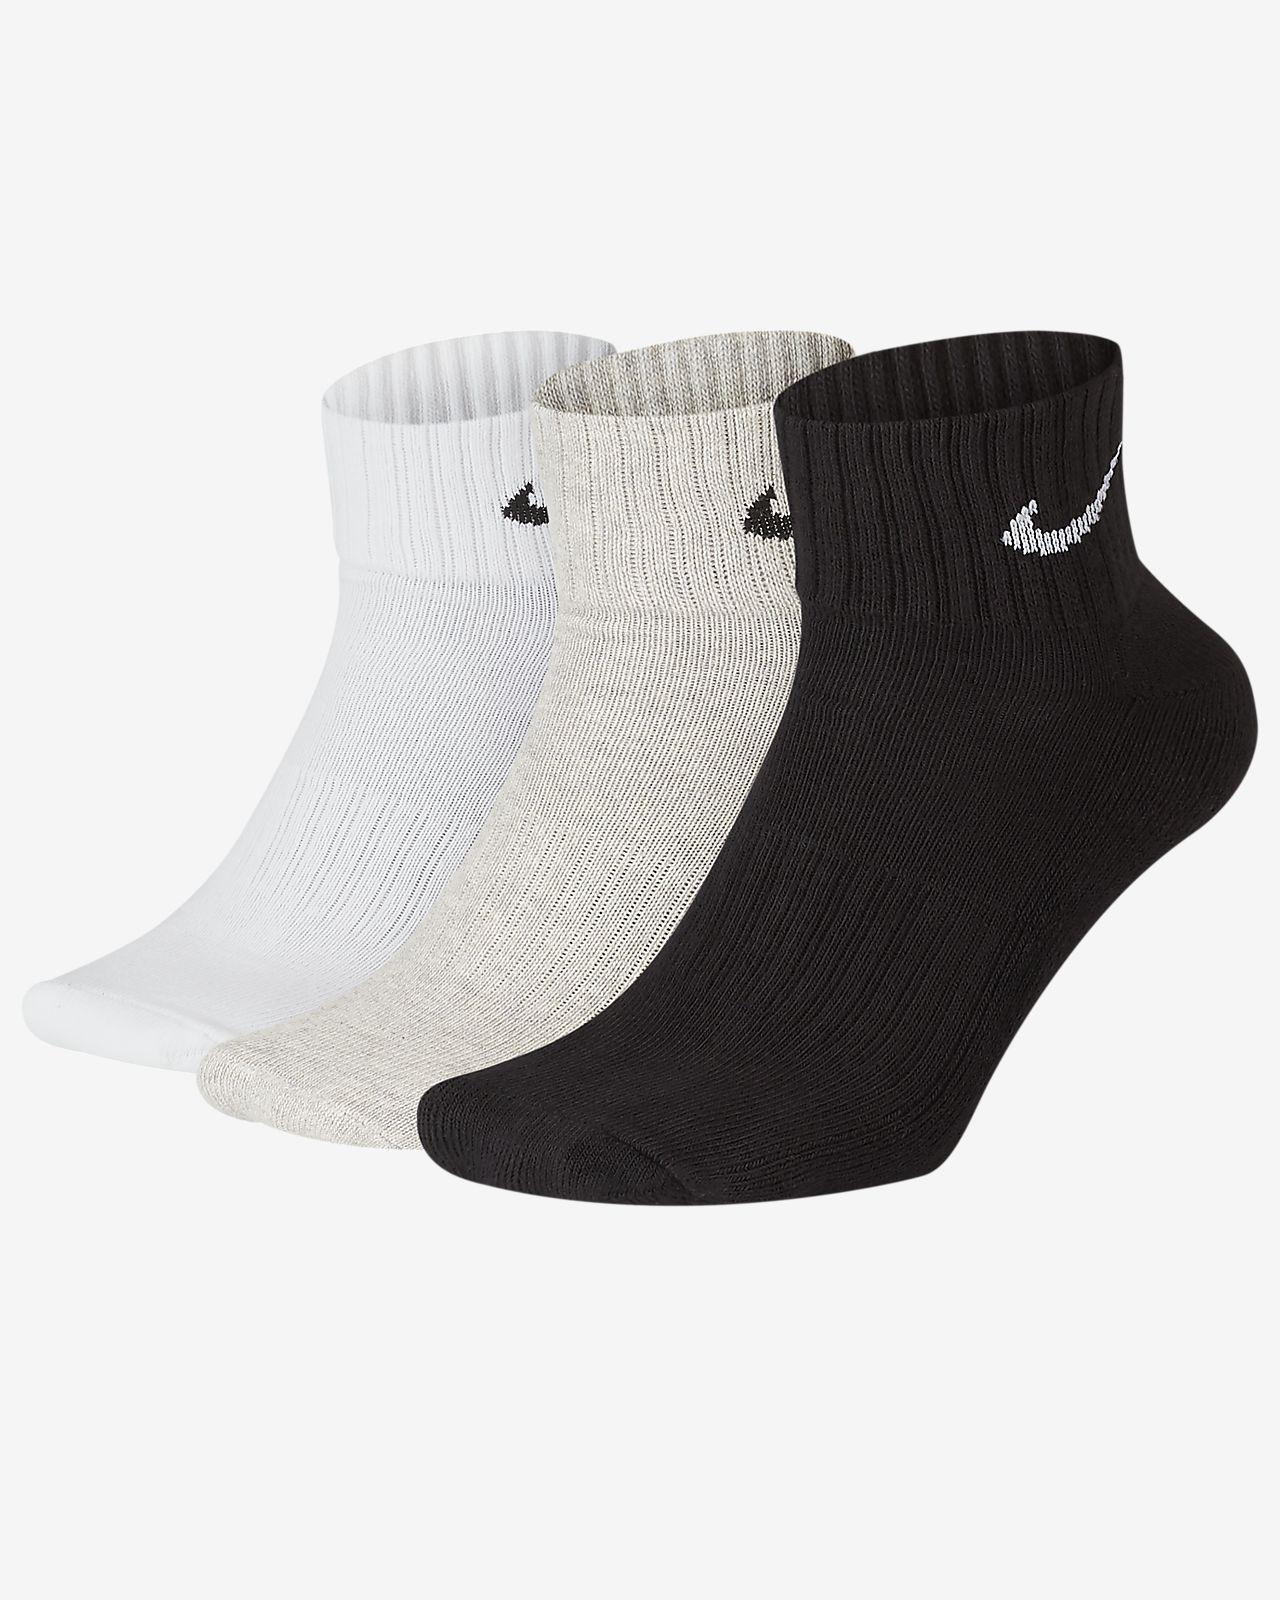 Meias de treino pelo tornozelo Nike Cushion (3 pares)